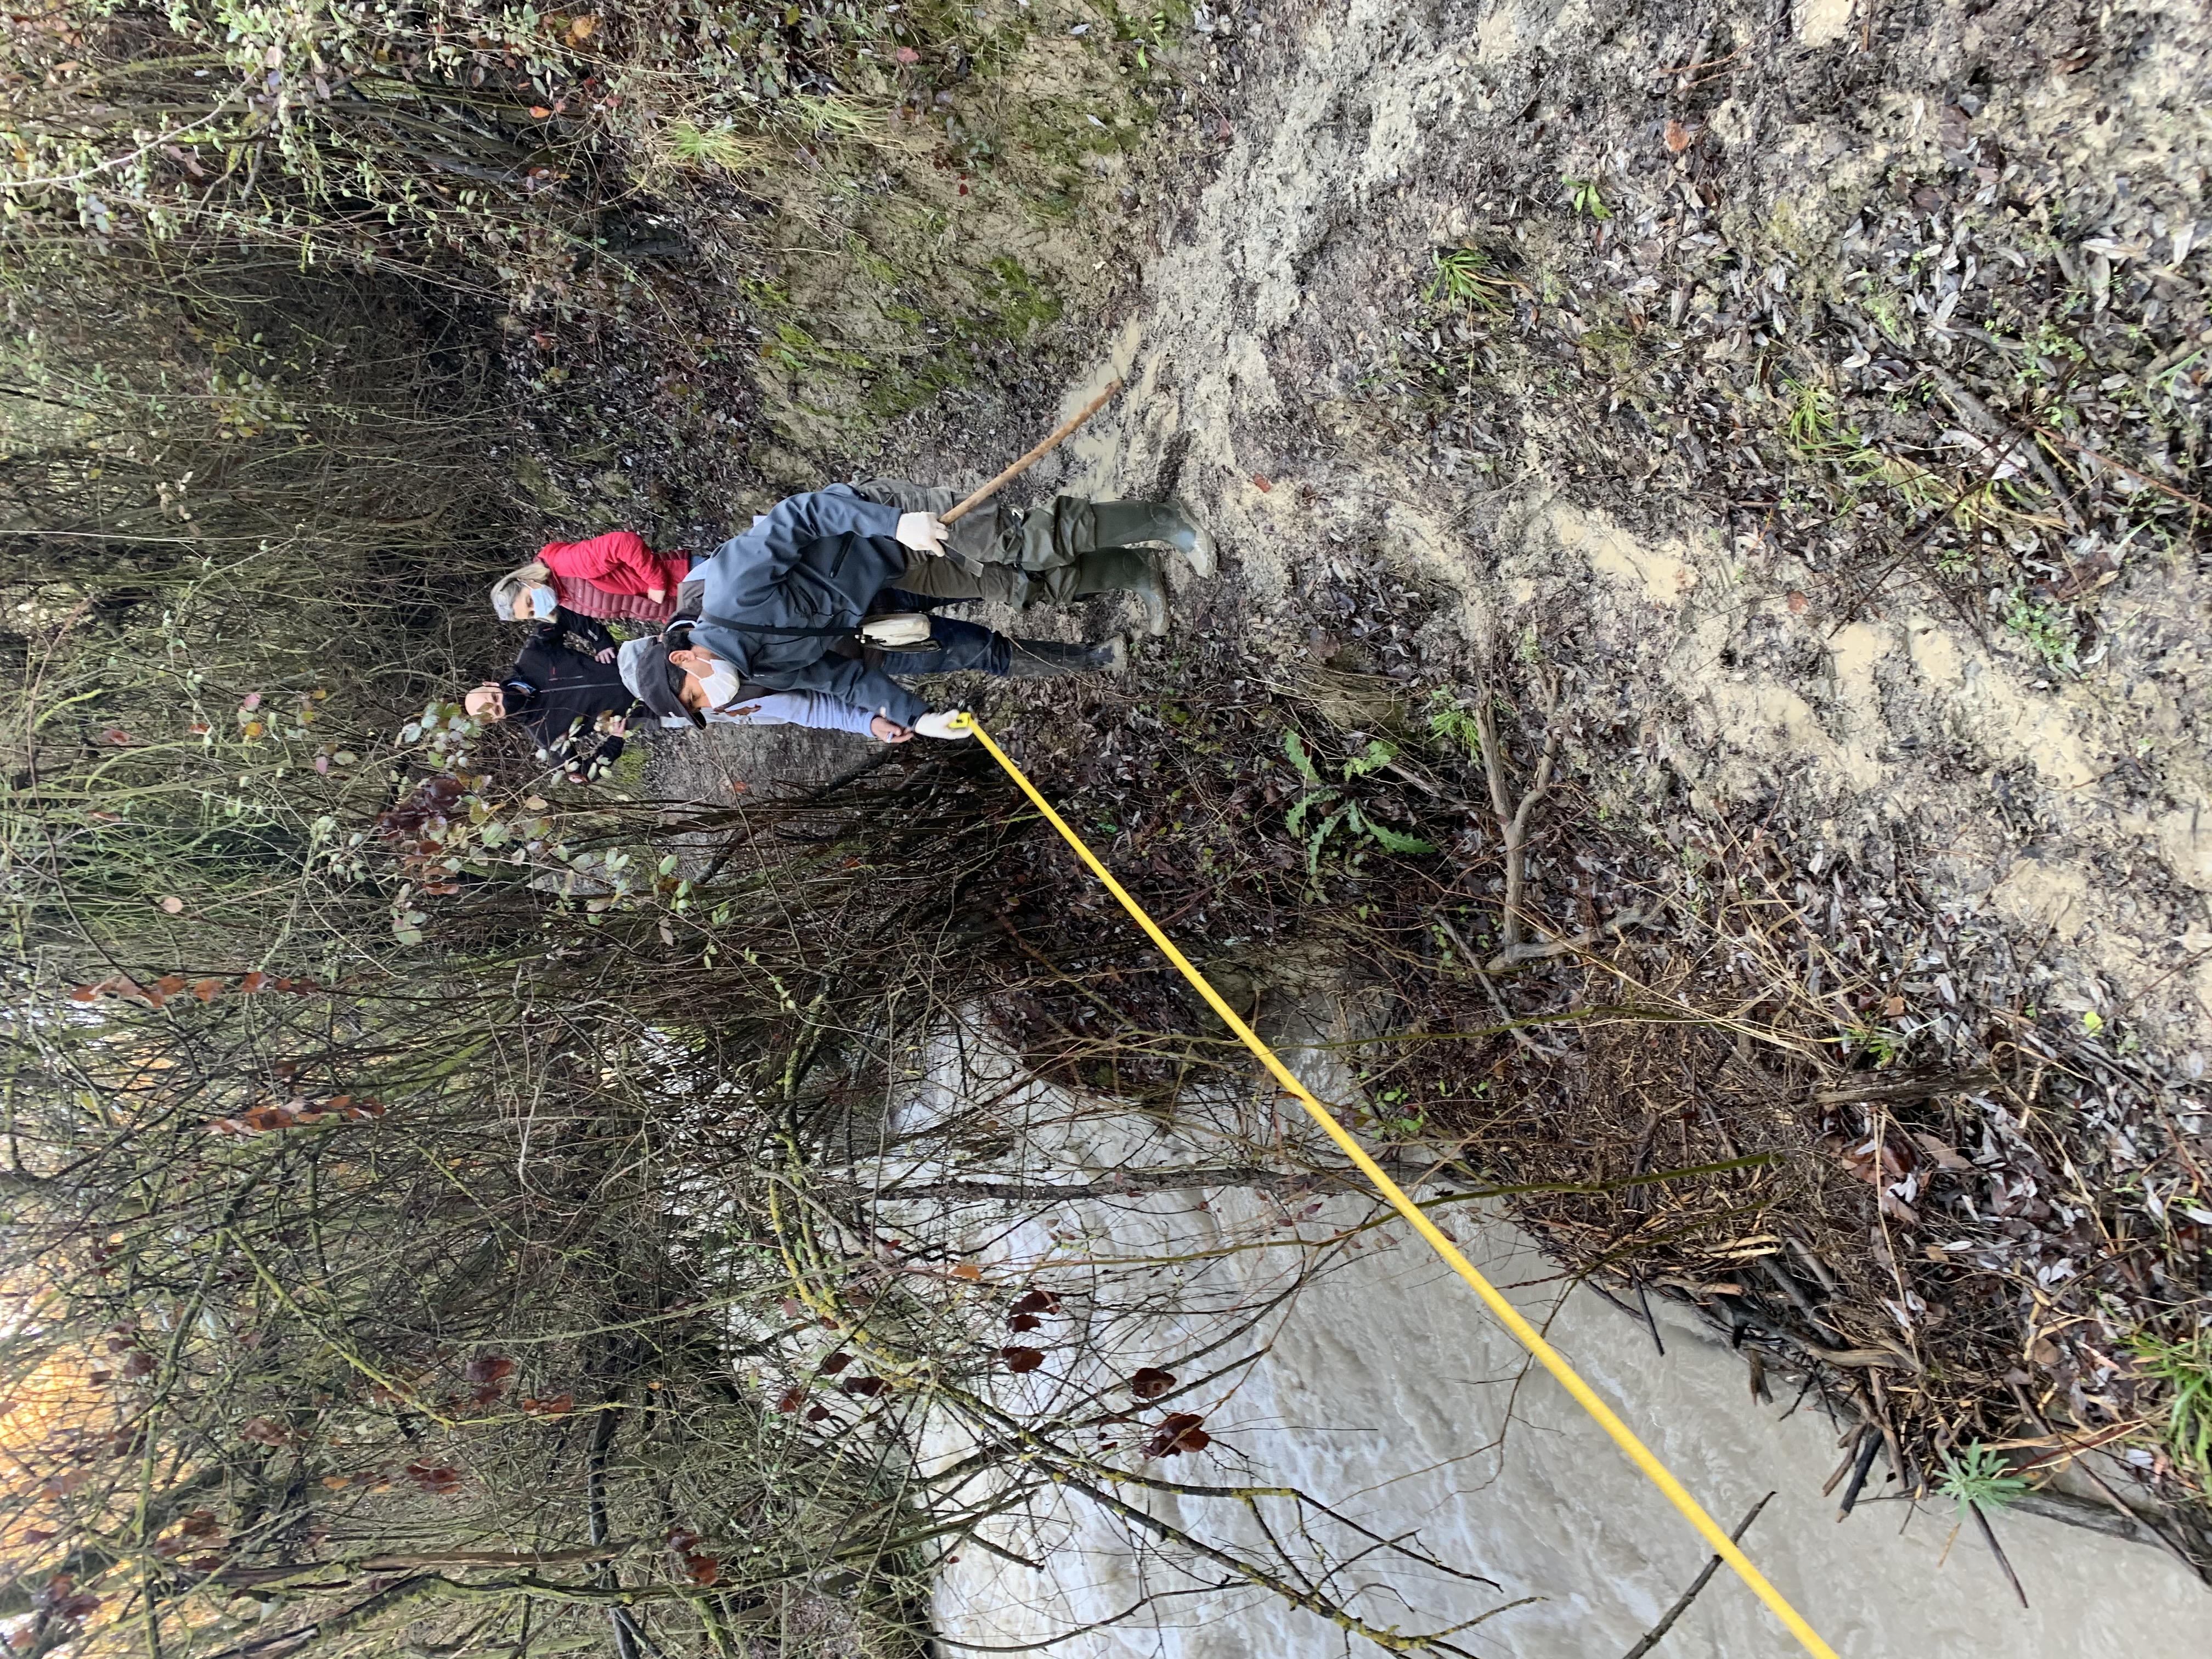 El Sendero de Los Cahorros de Monachil estará cerrado hasta el 22 de marzo por labores de mejora